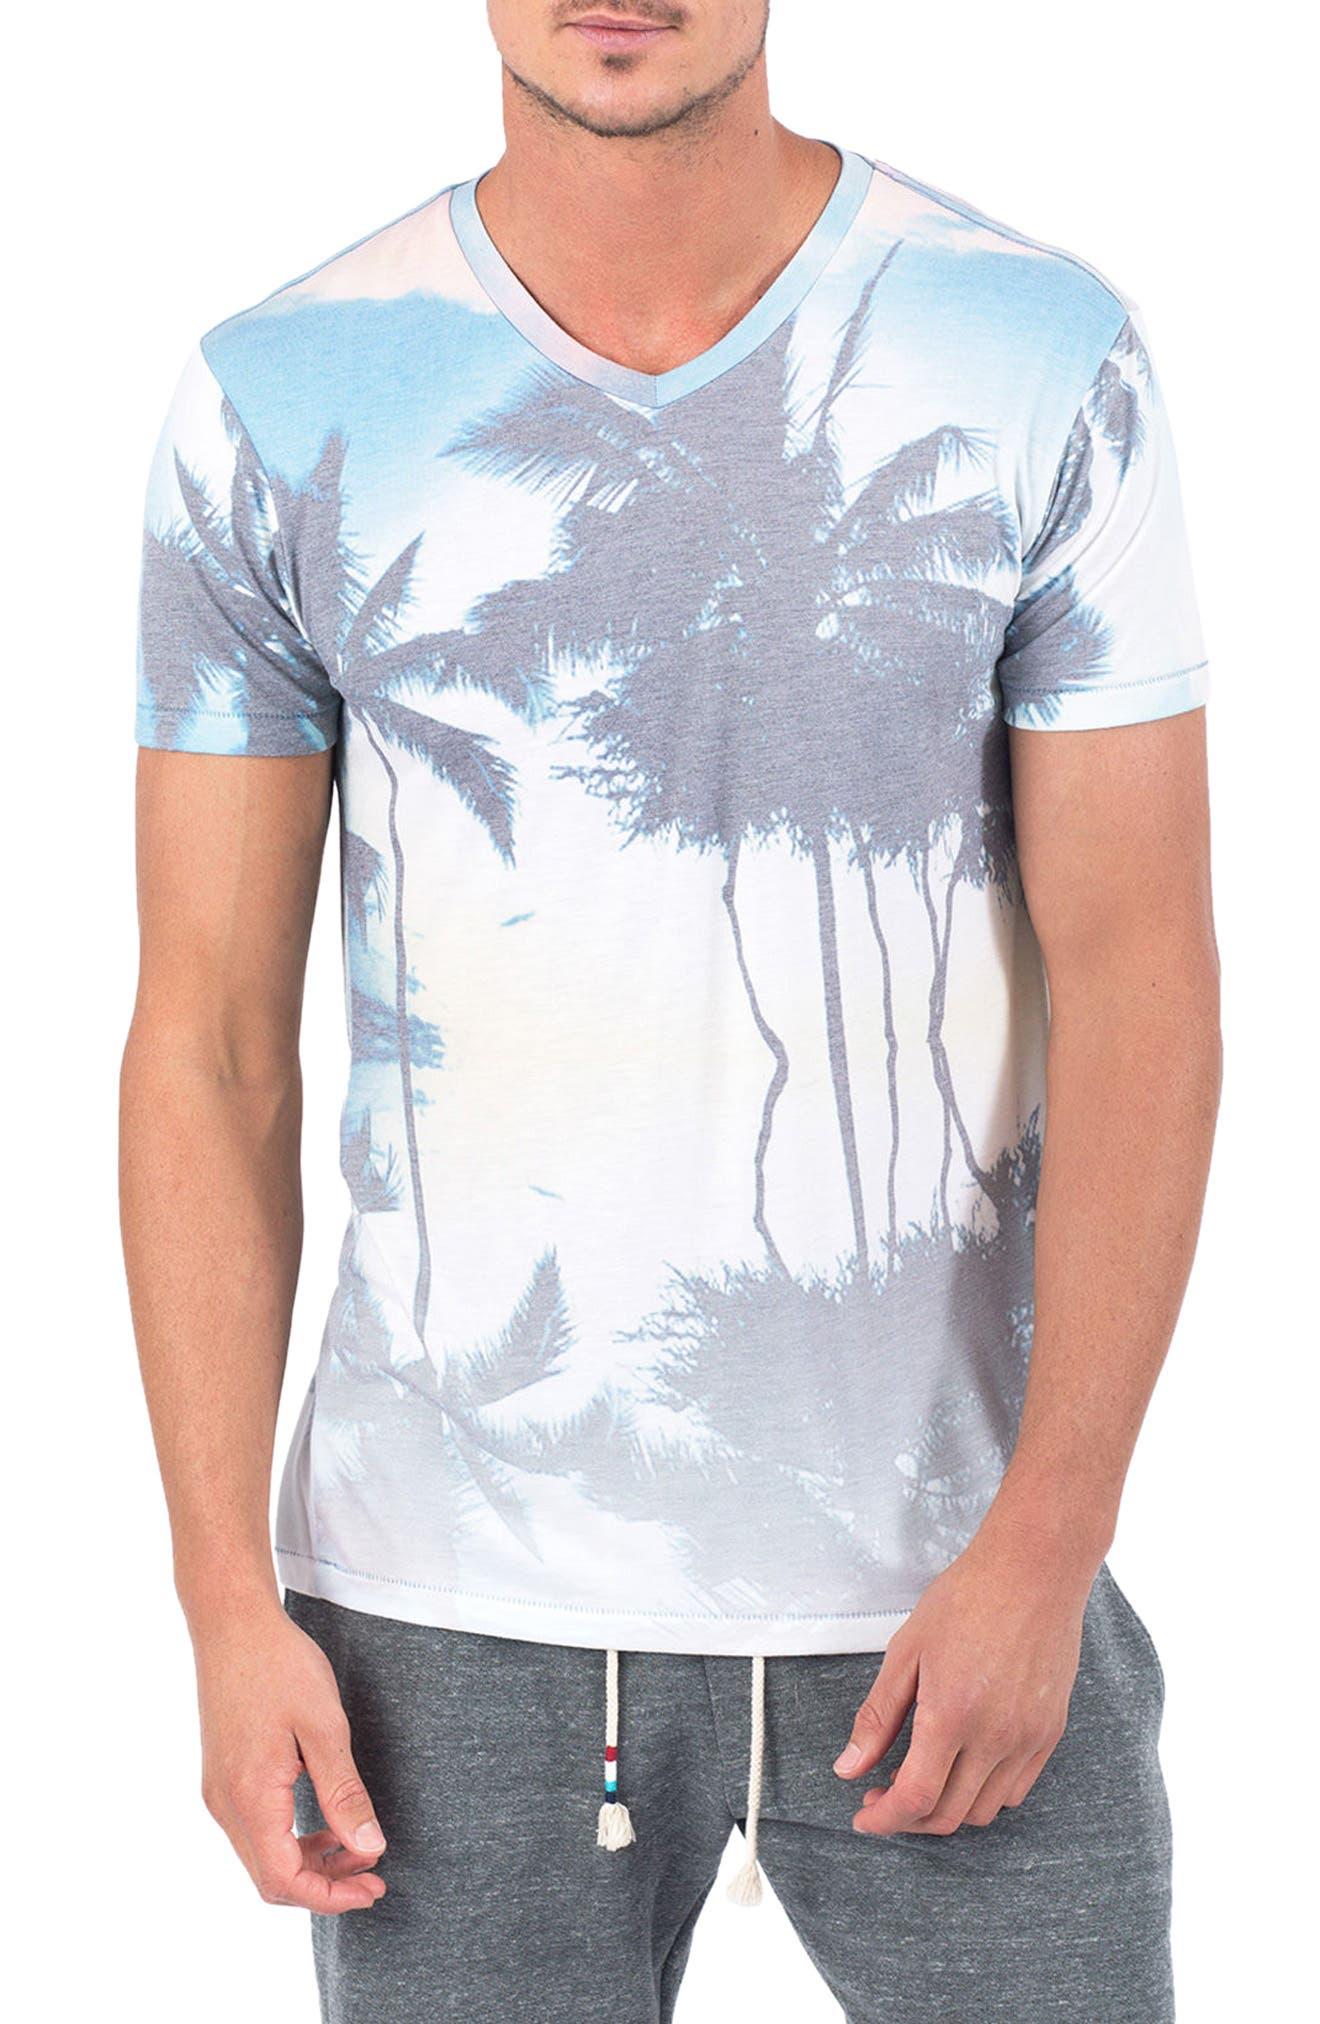 Off Tropic T-Shirt,                         Main,                         color, OFF TROPIC